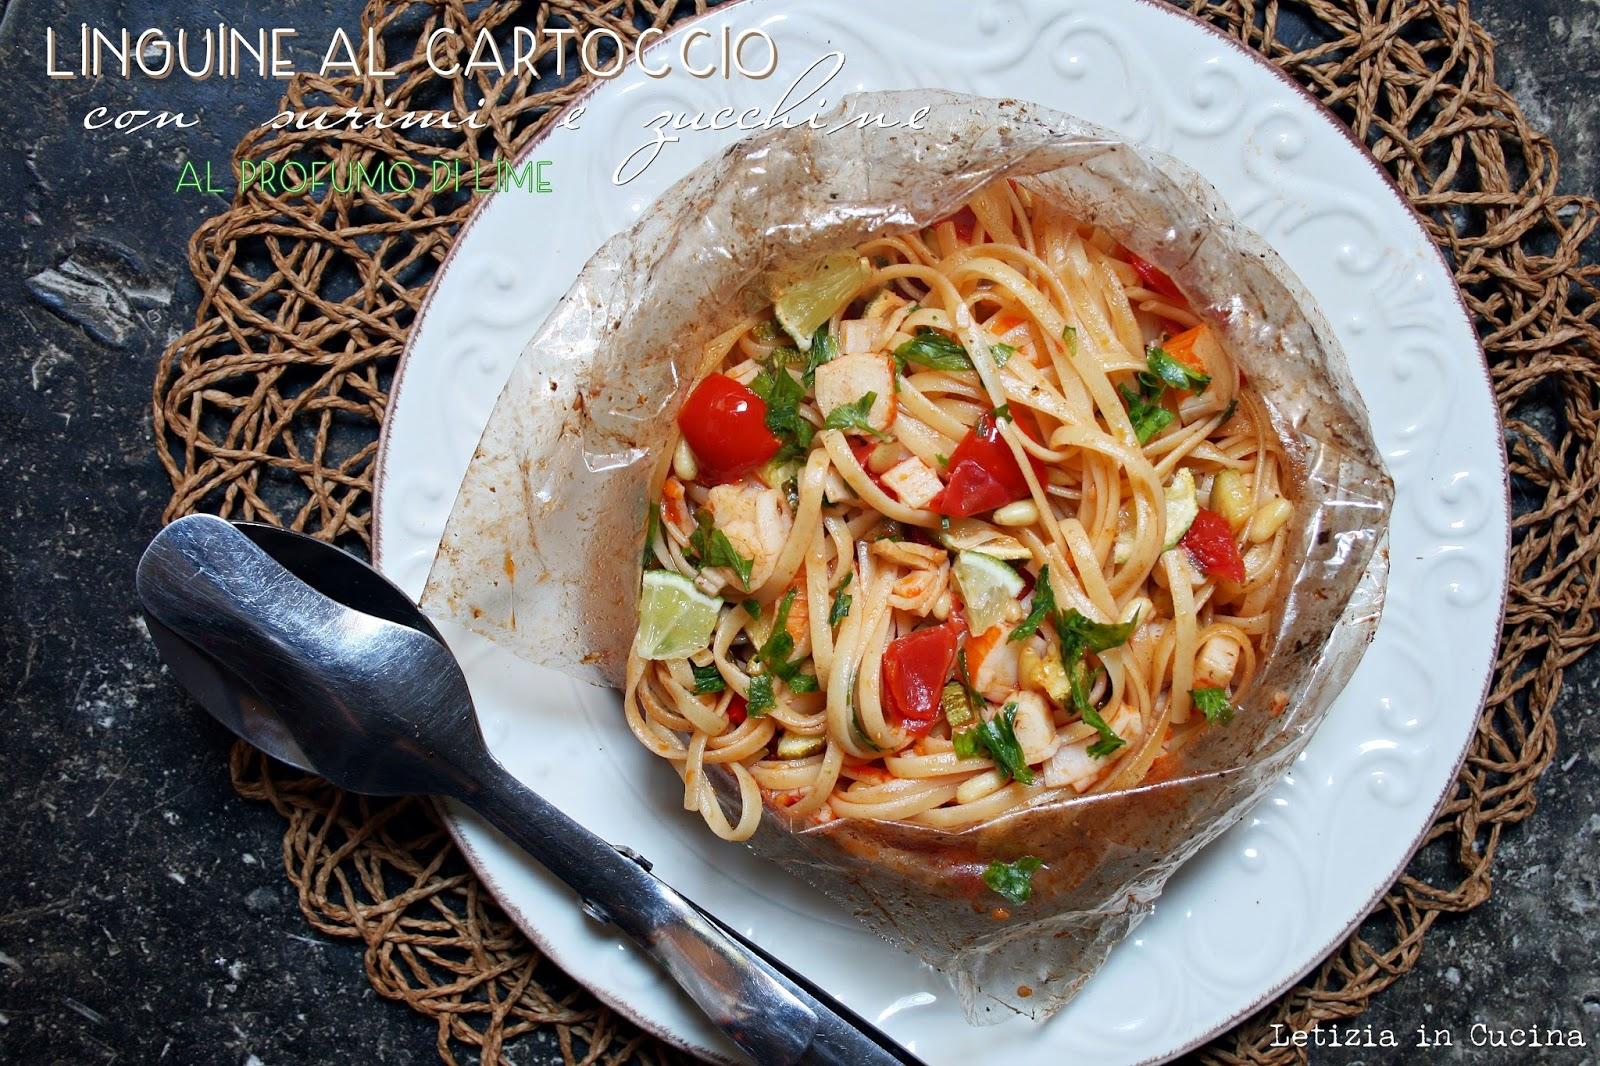 Letizia in Cucina: Linguine al cartoccio con surimi, zucchine e al ...